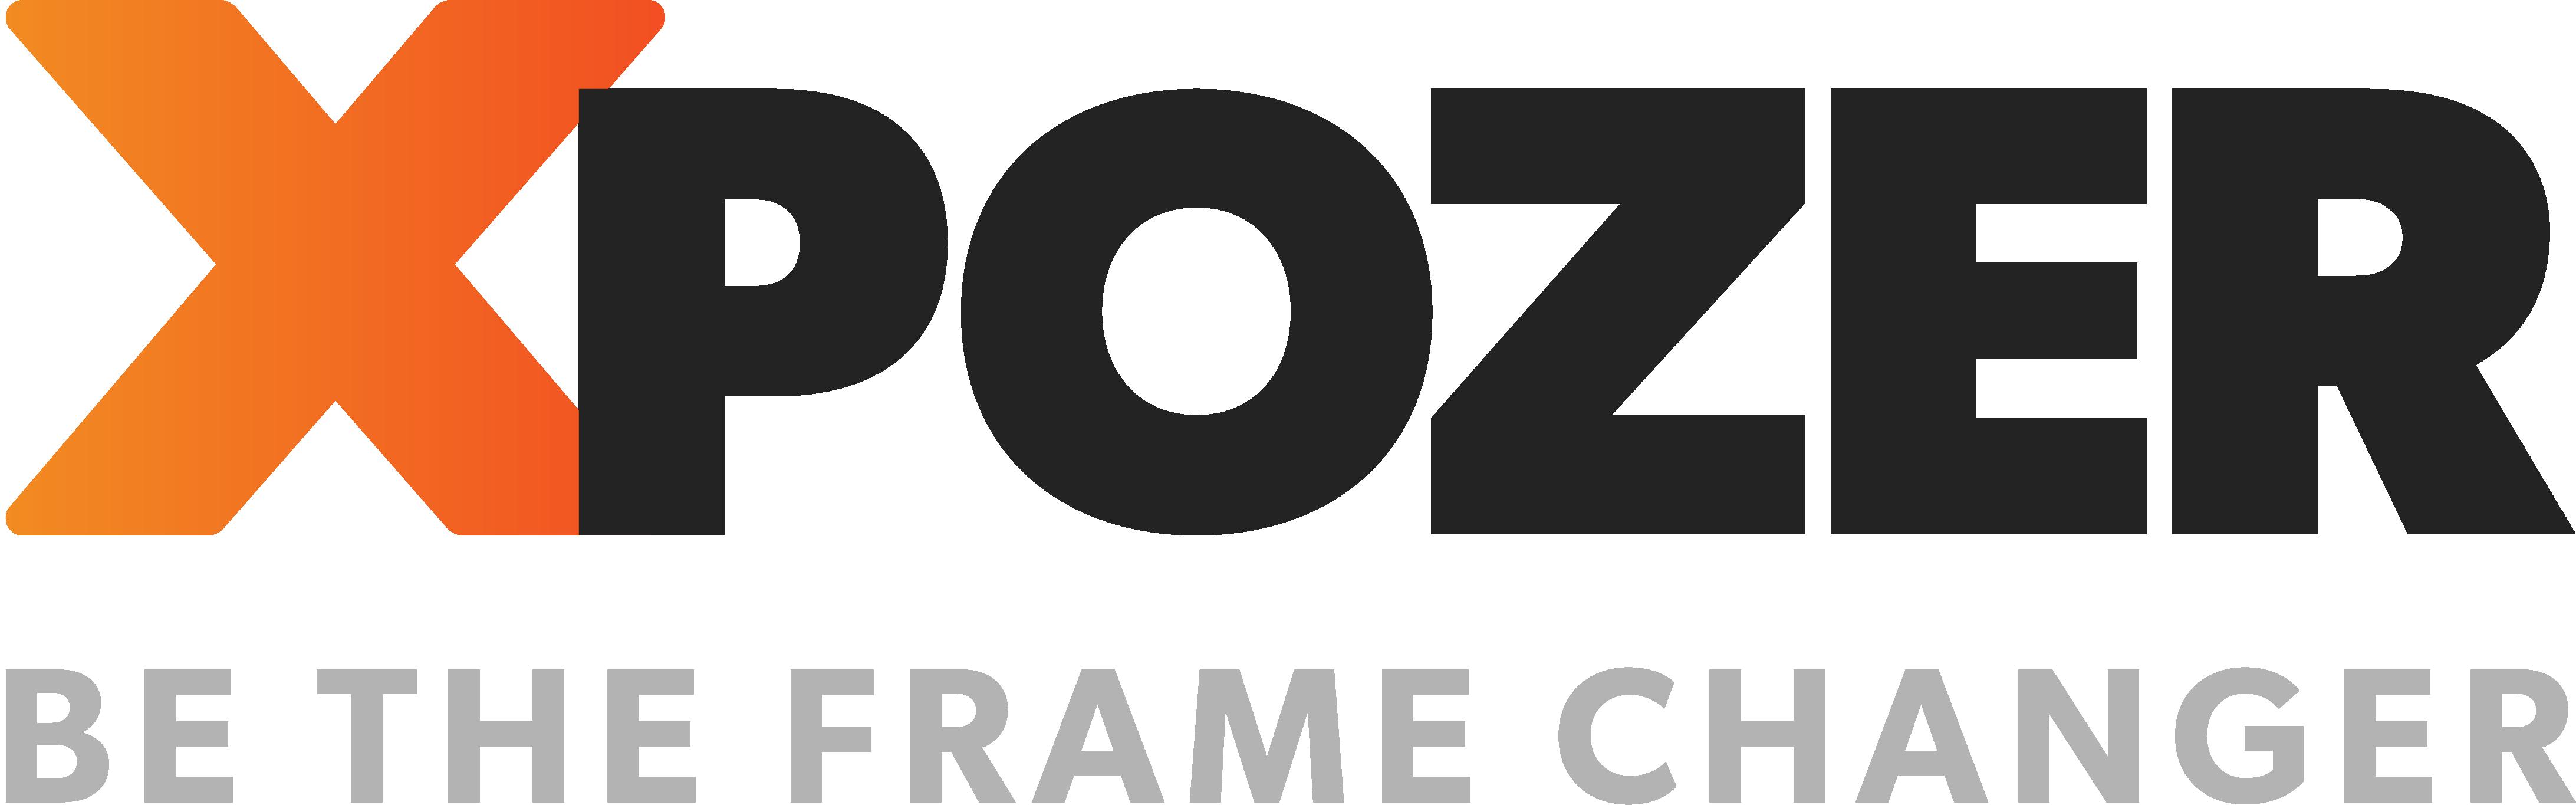 Xpozer-logo-2017_DEF